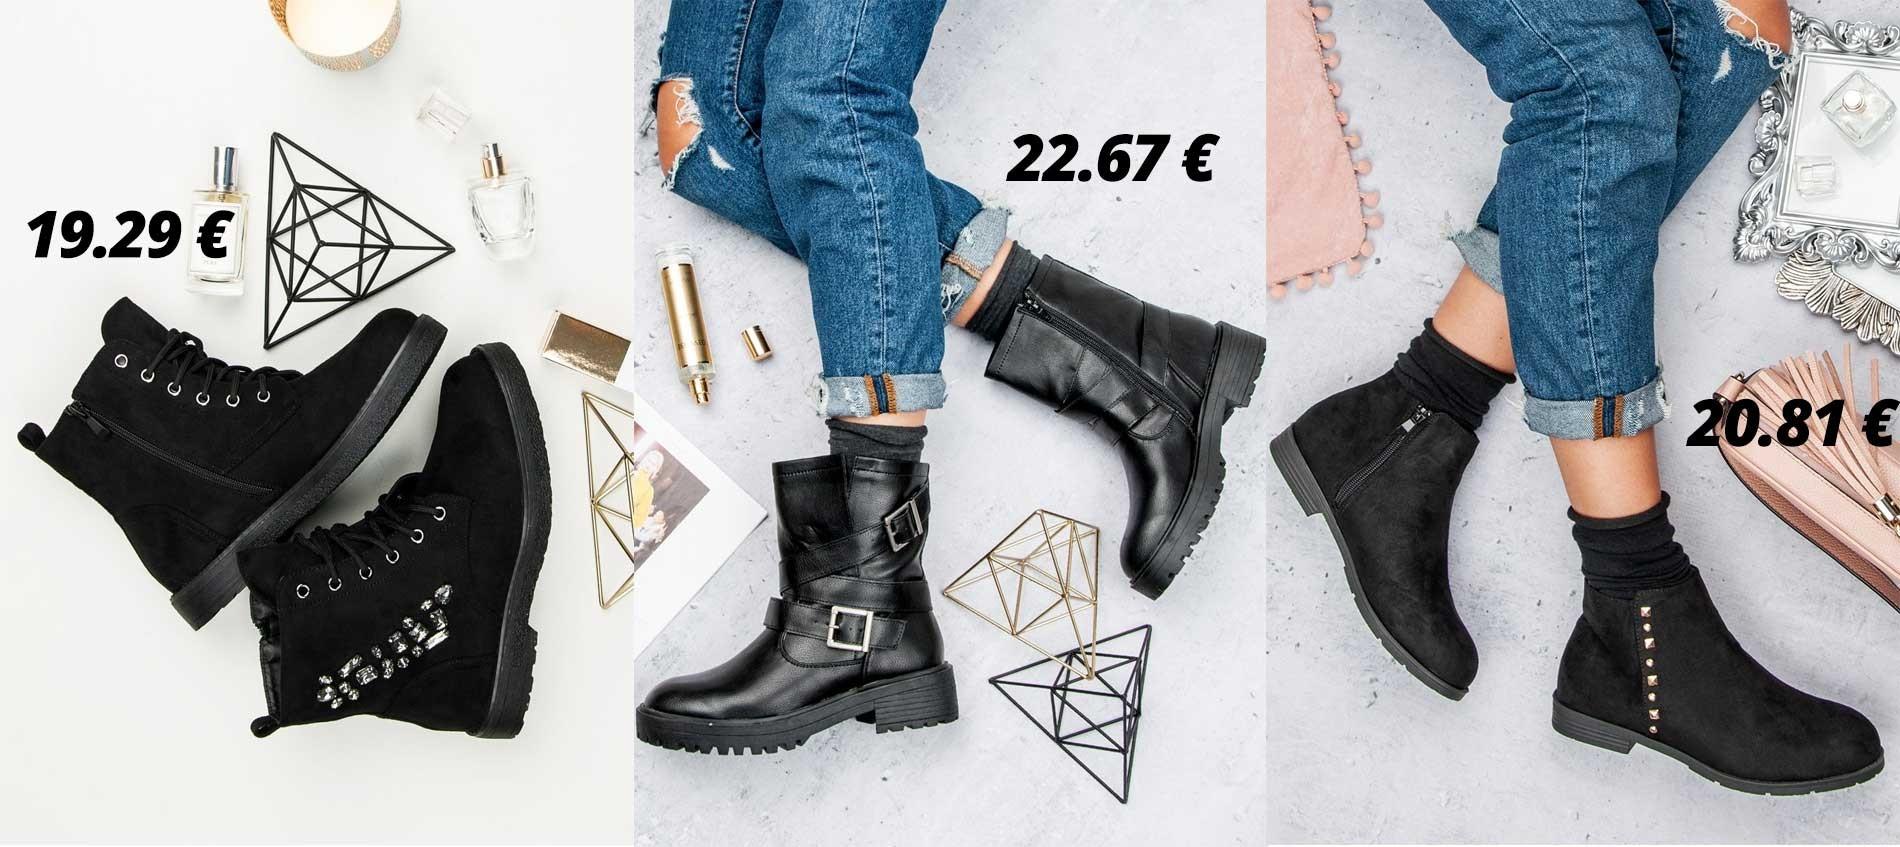 Nauja batų kolekcija